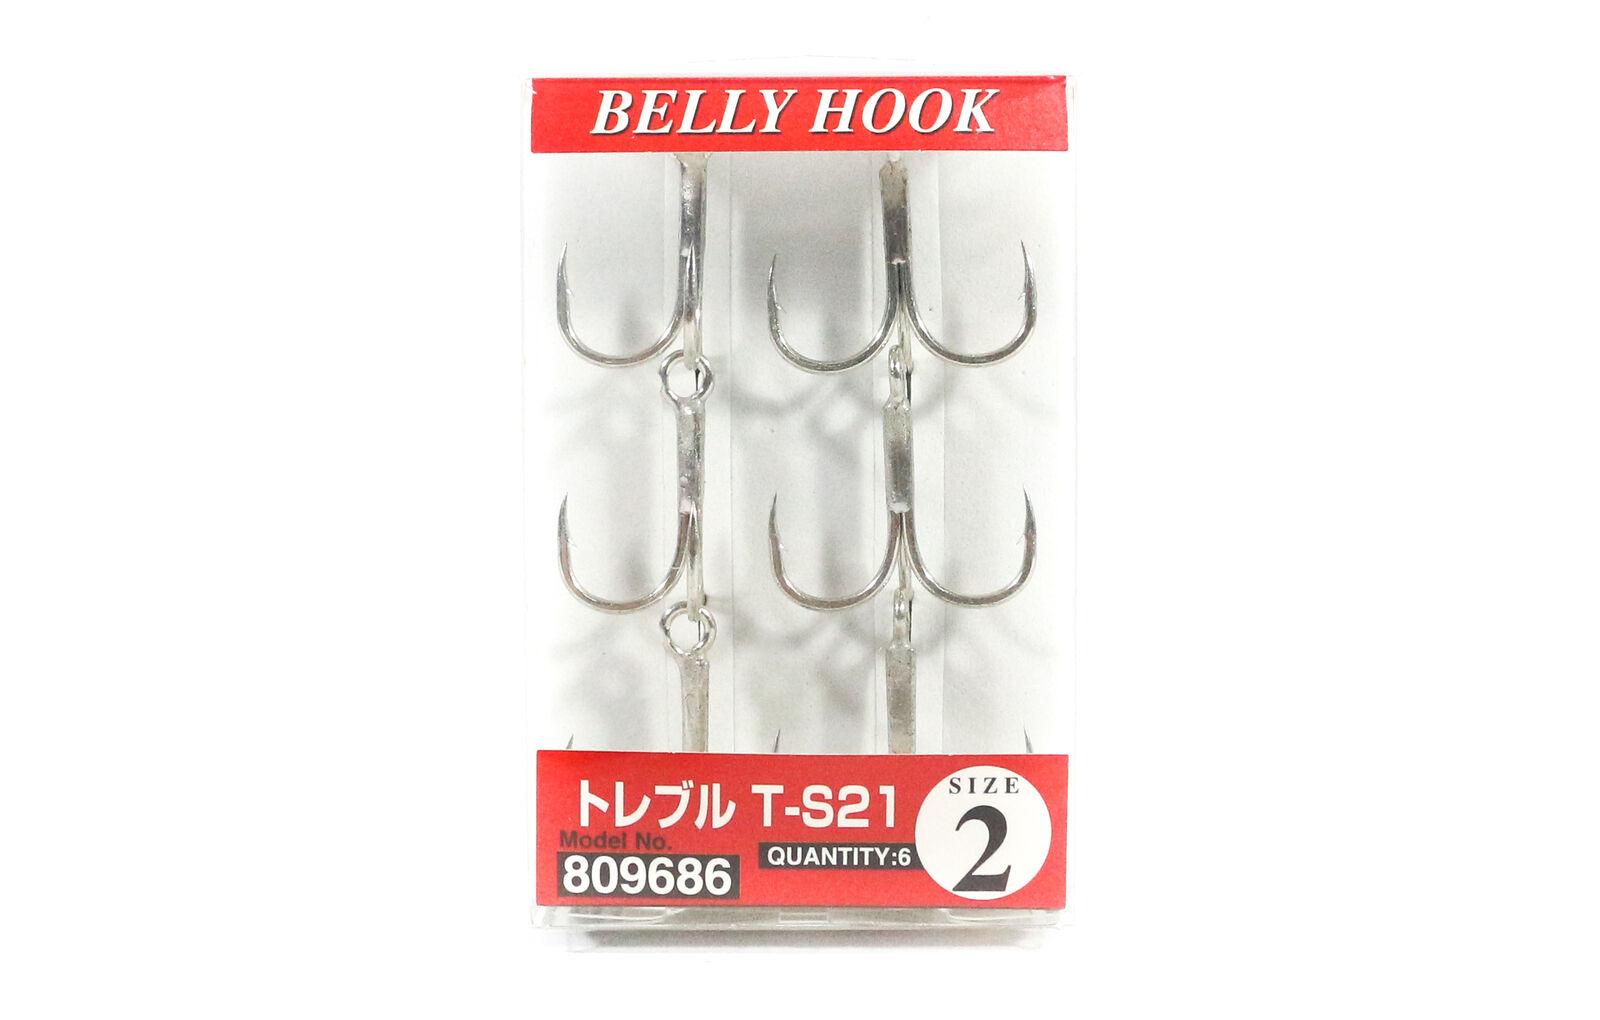 Decoy Y-F33F Treble Hook Fine Wire Treble Hooks Size 7 5099